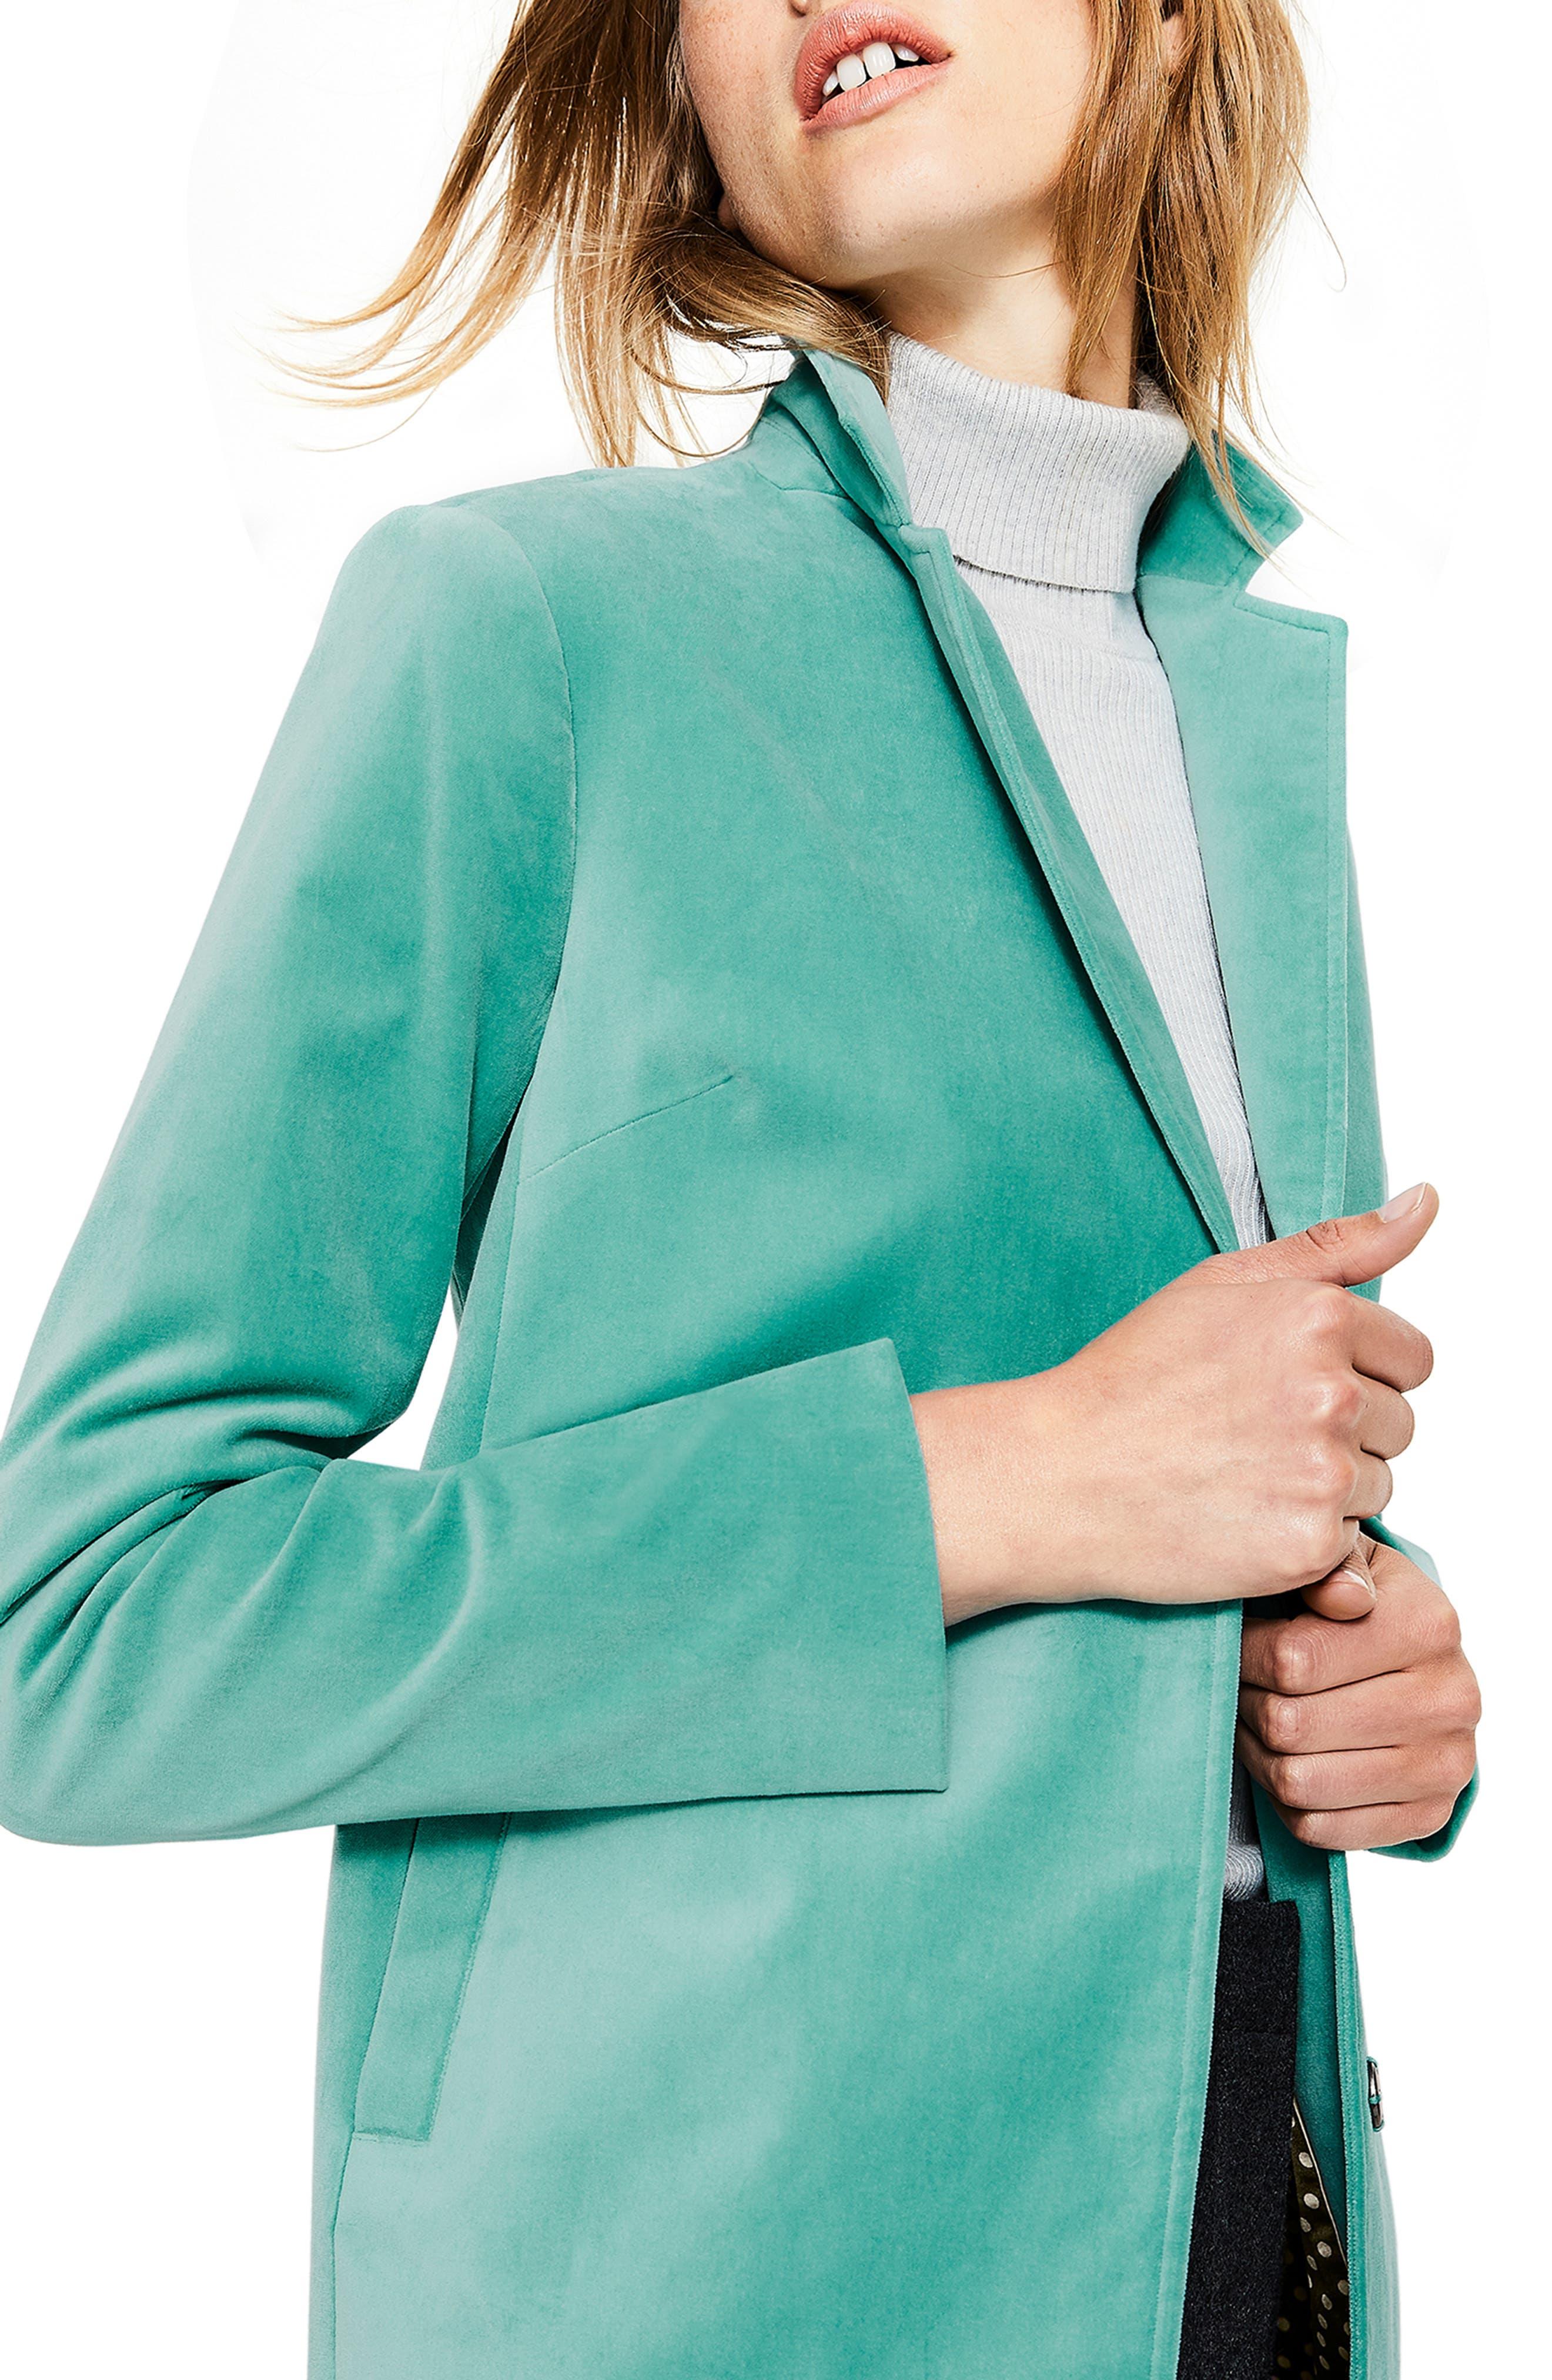 Sally Long Velvet Jacket,                             Alternate thumbnail 5, color,                             BREEZE BN764